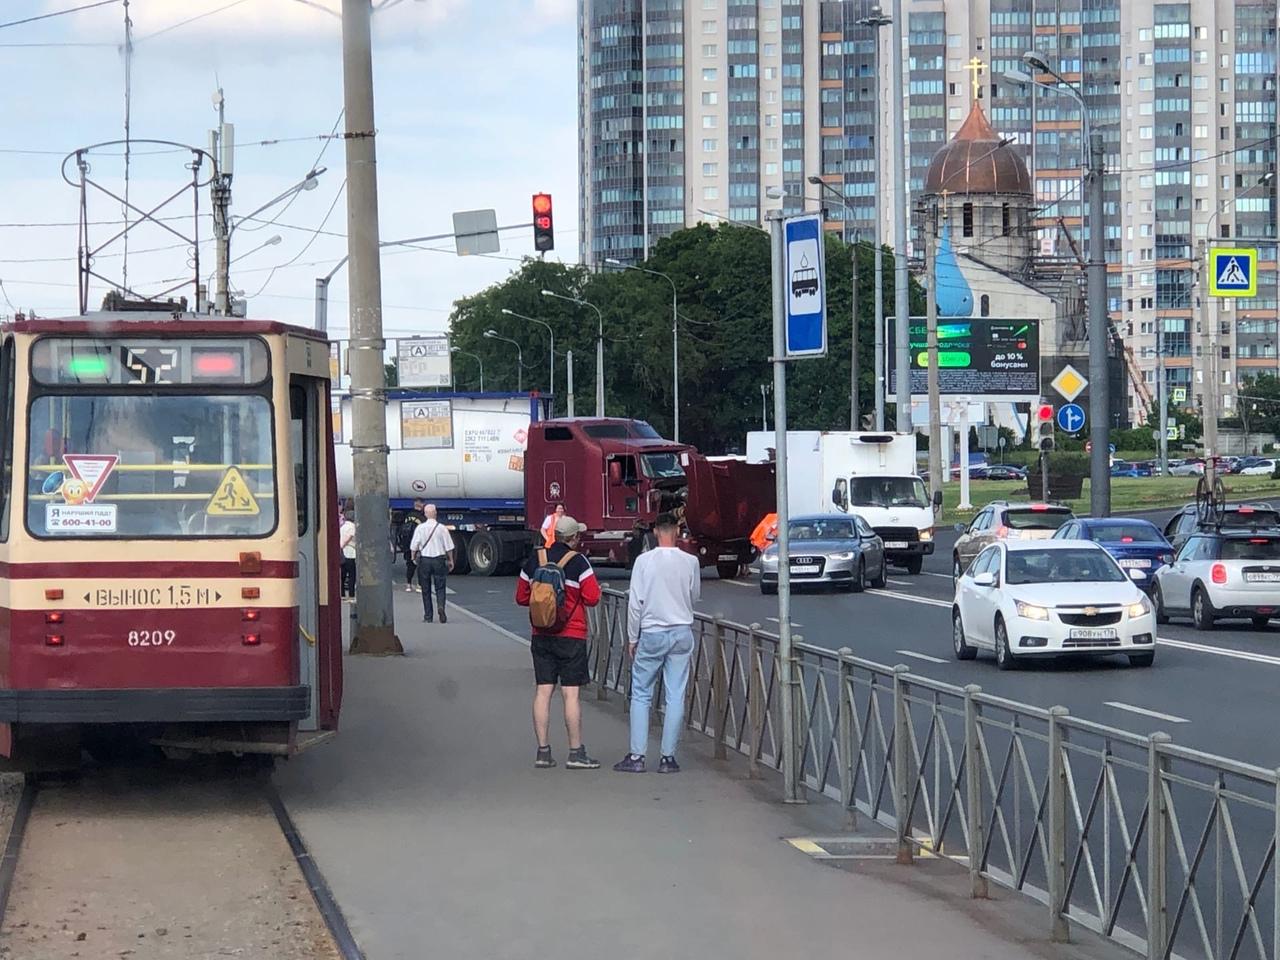 На Кронштадтской площади дорожное фиаско, фура устала и перекрыла проспект Стачек от автово, автобус...